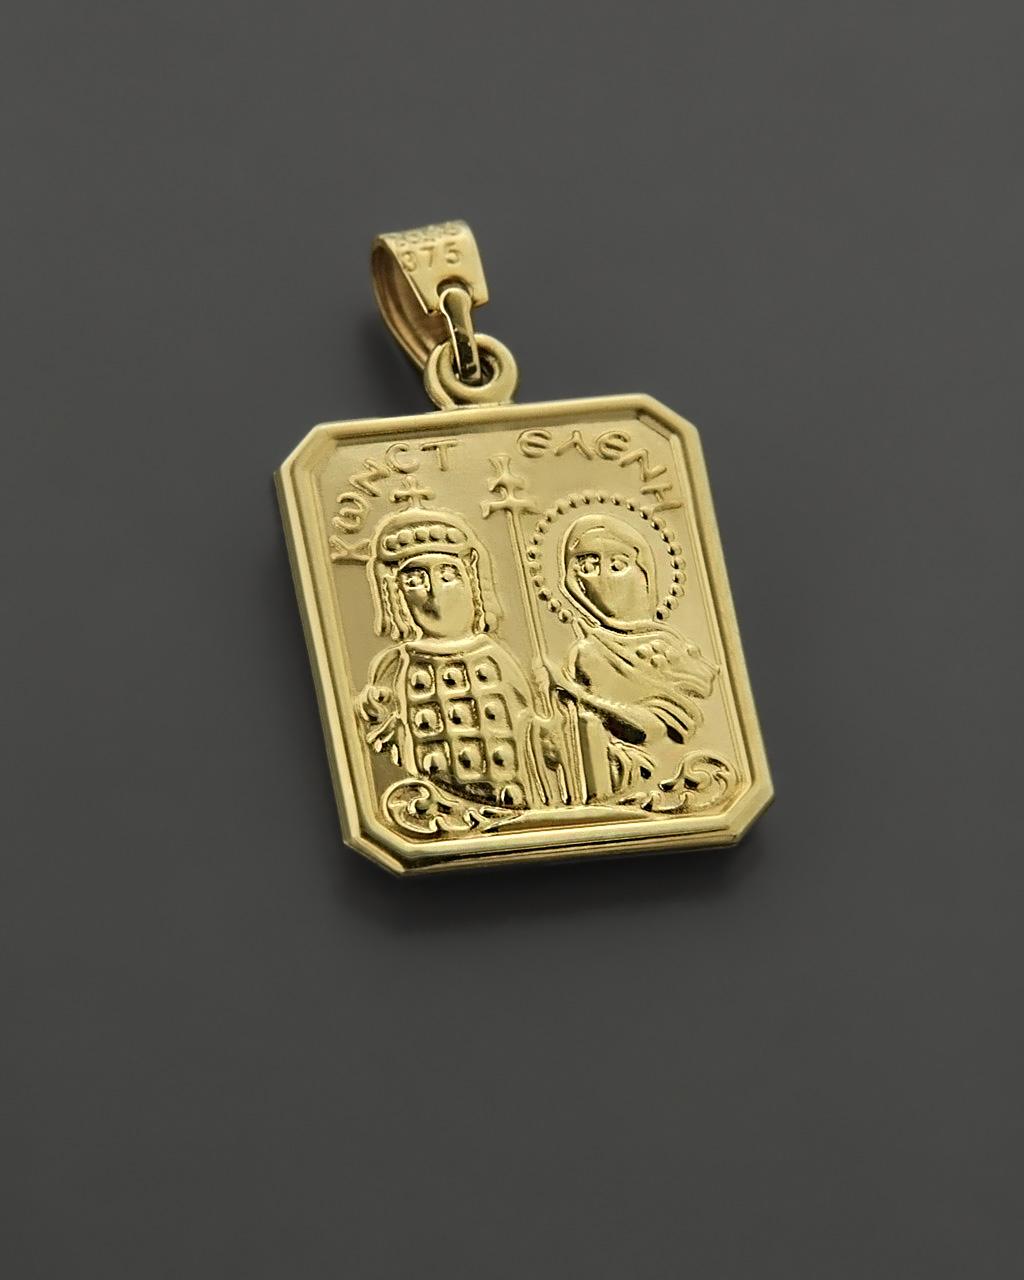 Φυλαχτό & Ζώδιο χρυσό & λευκόχρυσο Κ9   κοσμηματα κρεμαστά κολιέ παιδικά φυλαχτά